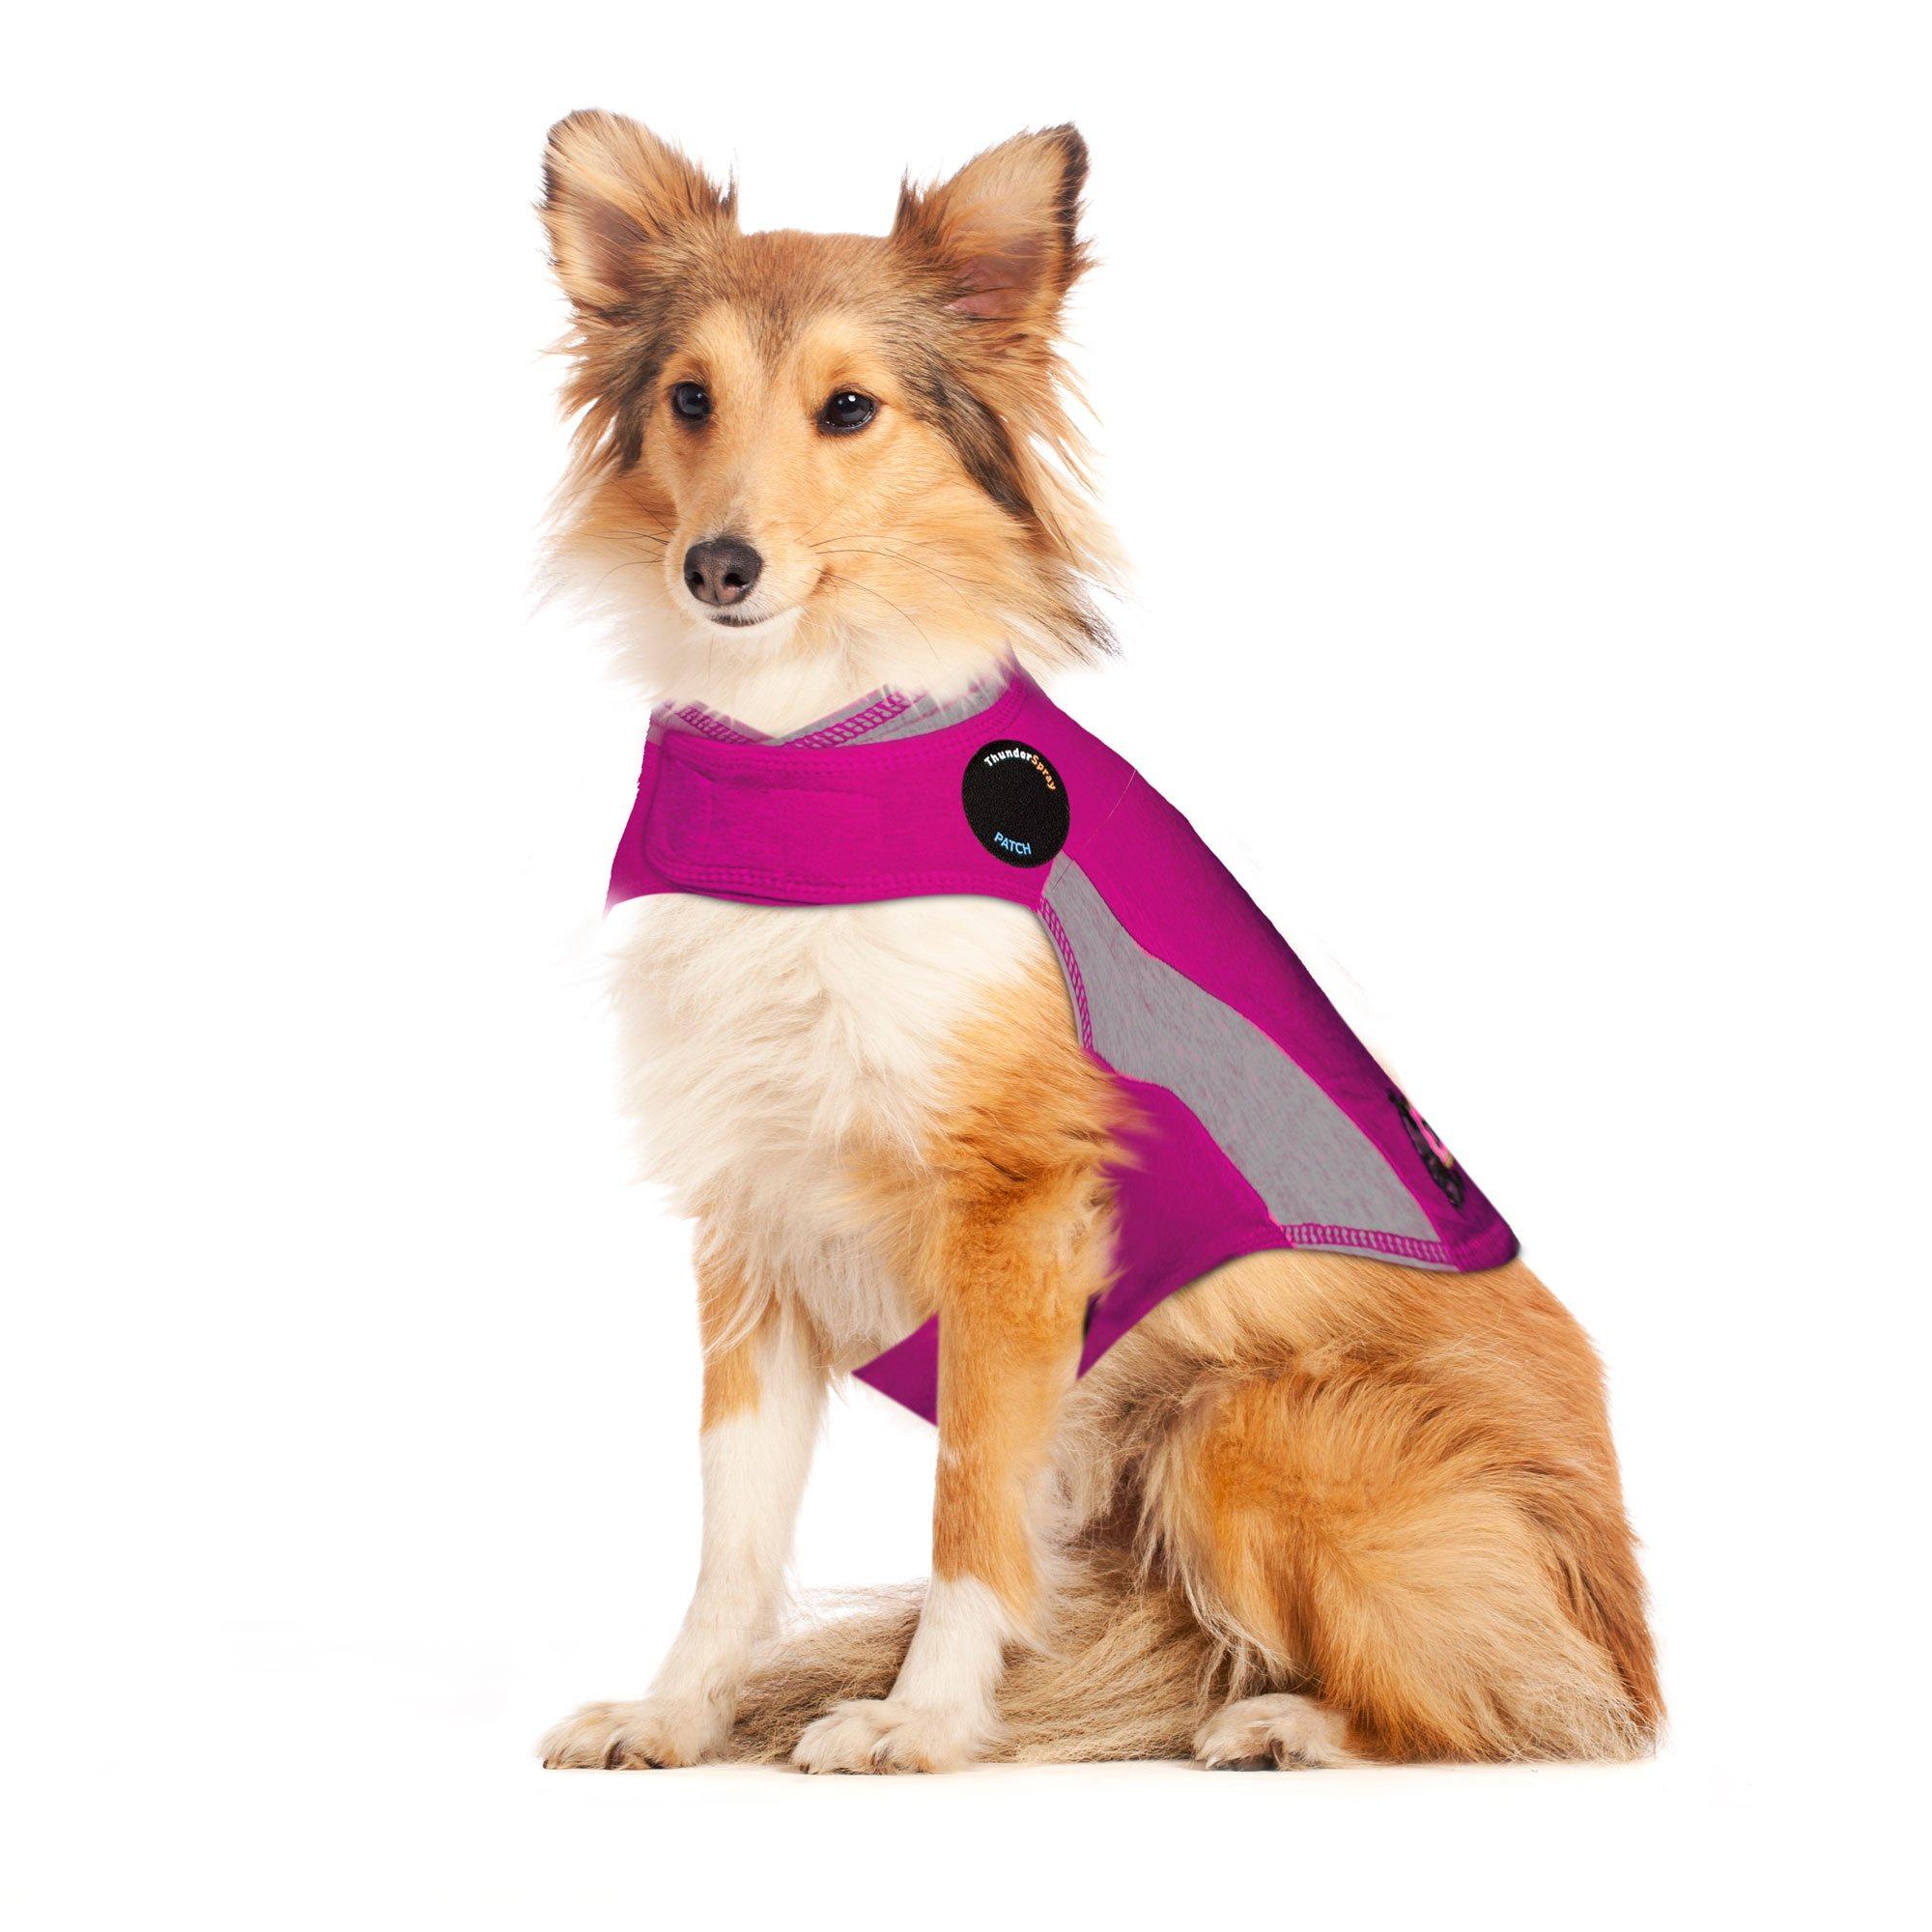 ThunderShirt Polo Dog Anxiety Jacket, Pink, Large